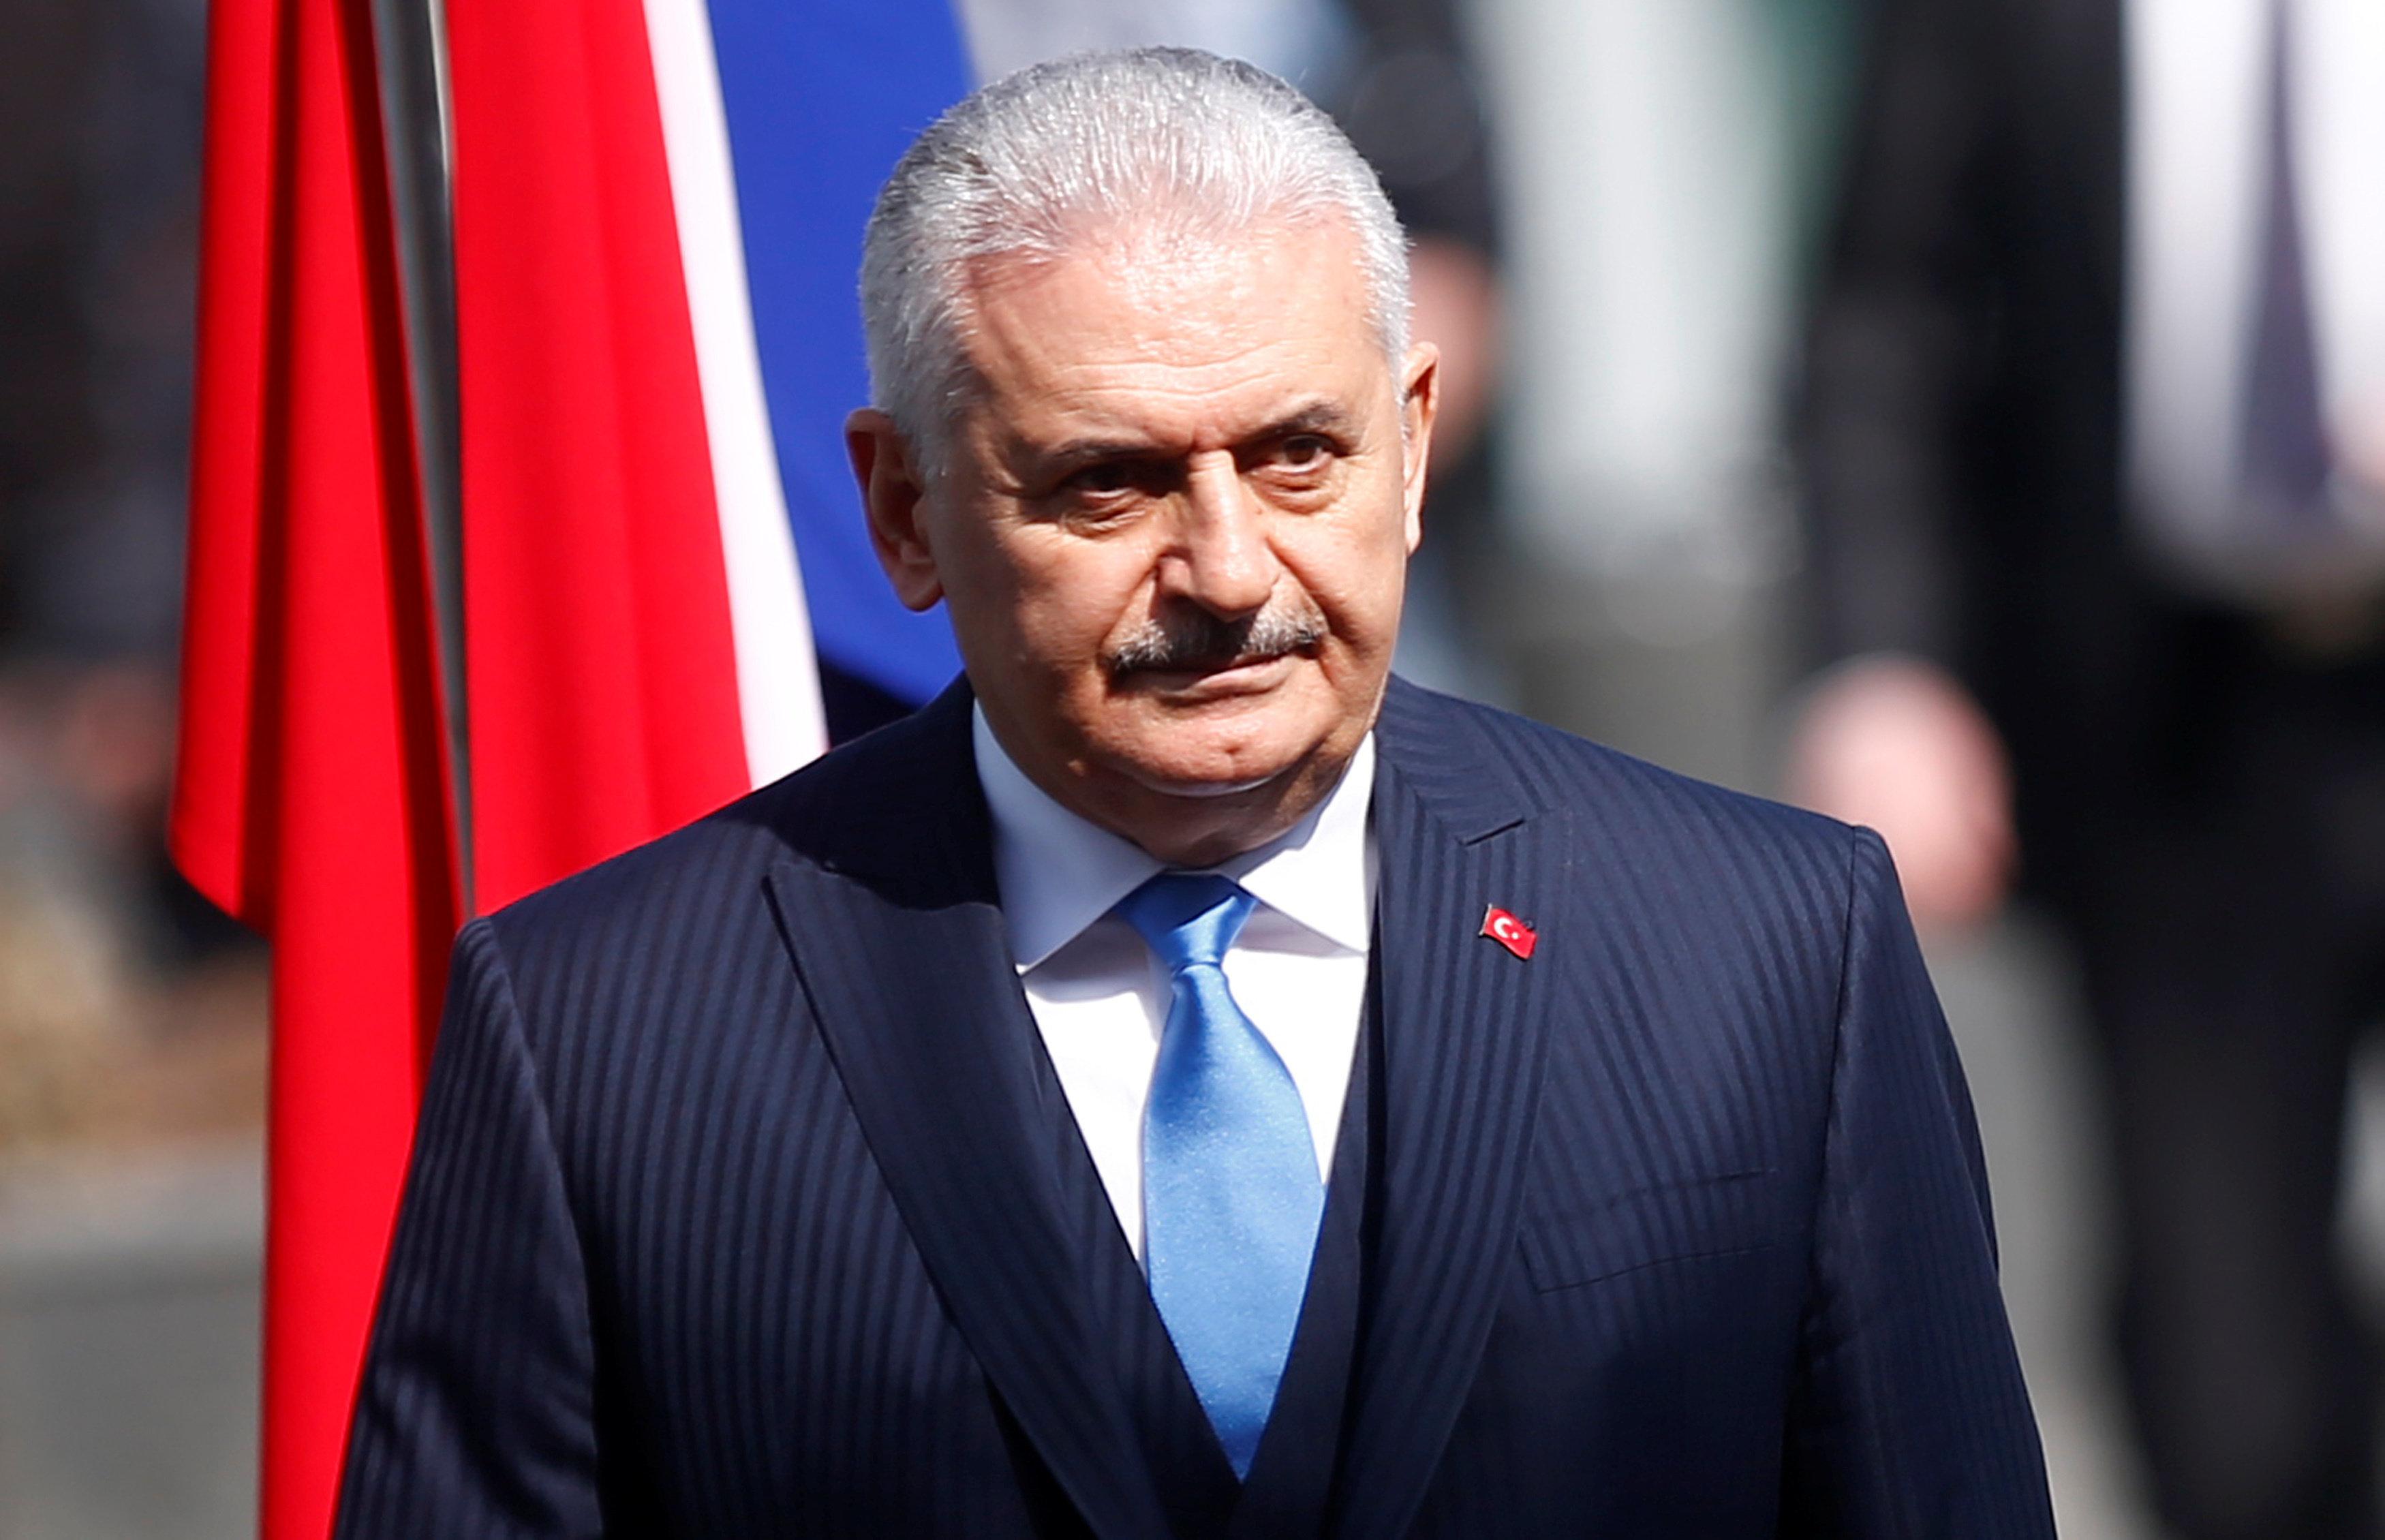 Η Τουρκική Ακτοφυλακή κατέβασε την ελληνική σημαία από τη βραχονησίδα «Μικρός Ανθρωποφάς», λέει ο Γιλντιρίμ. Το ΥΕΘΑ δεν επιβεβαιώνει